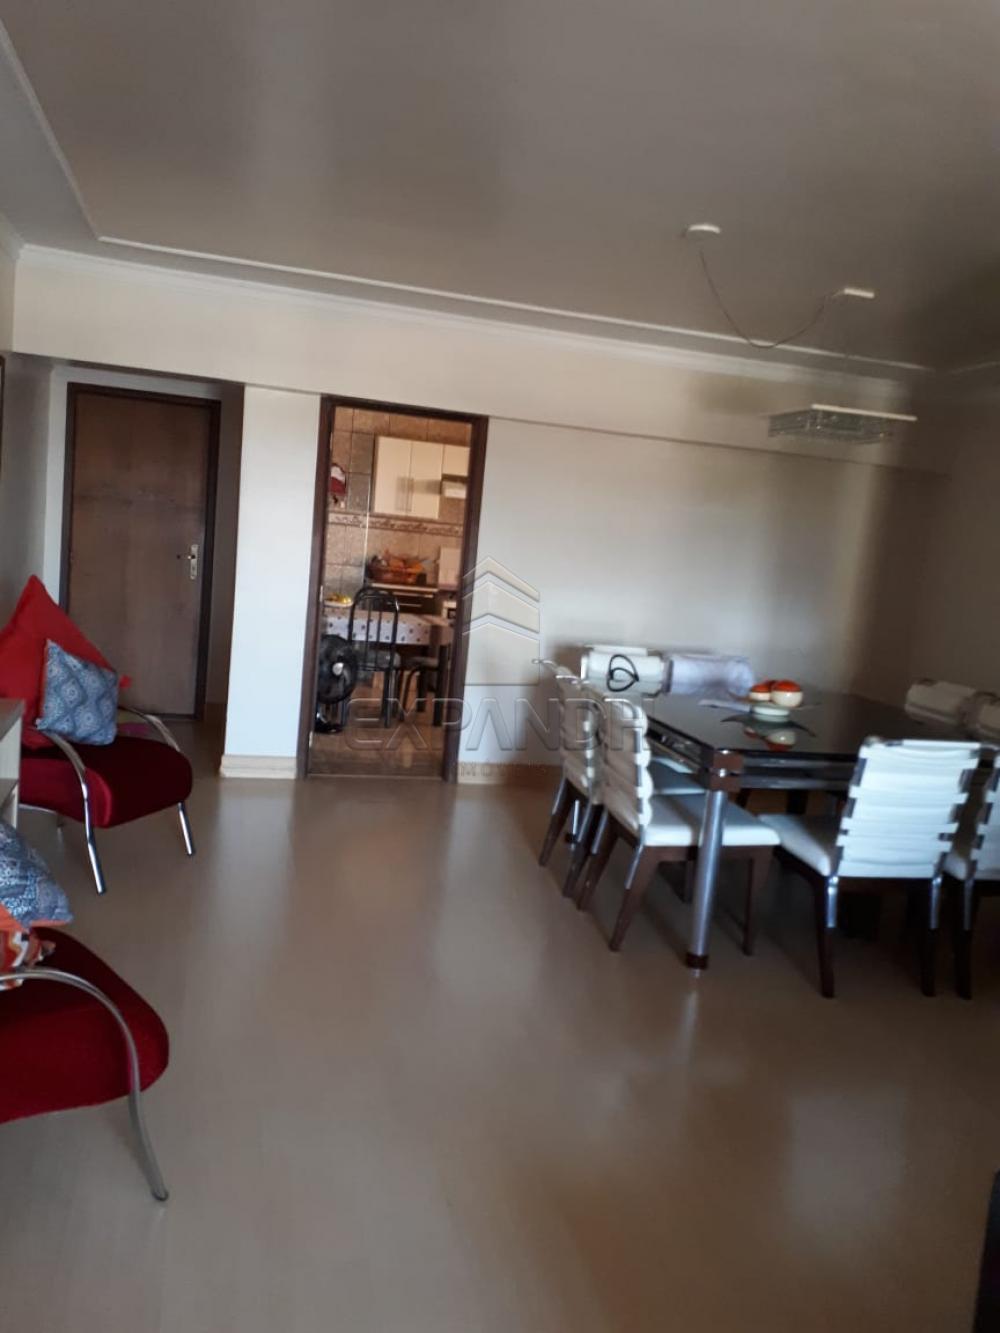 Comprar Apartamentos / Padrão em Sertãozinho R$ 380.000,00 - Foto 5